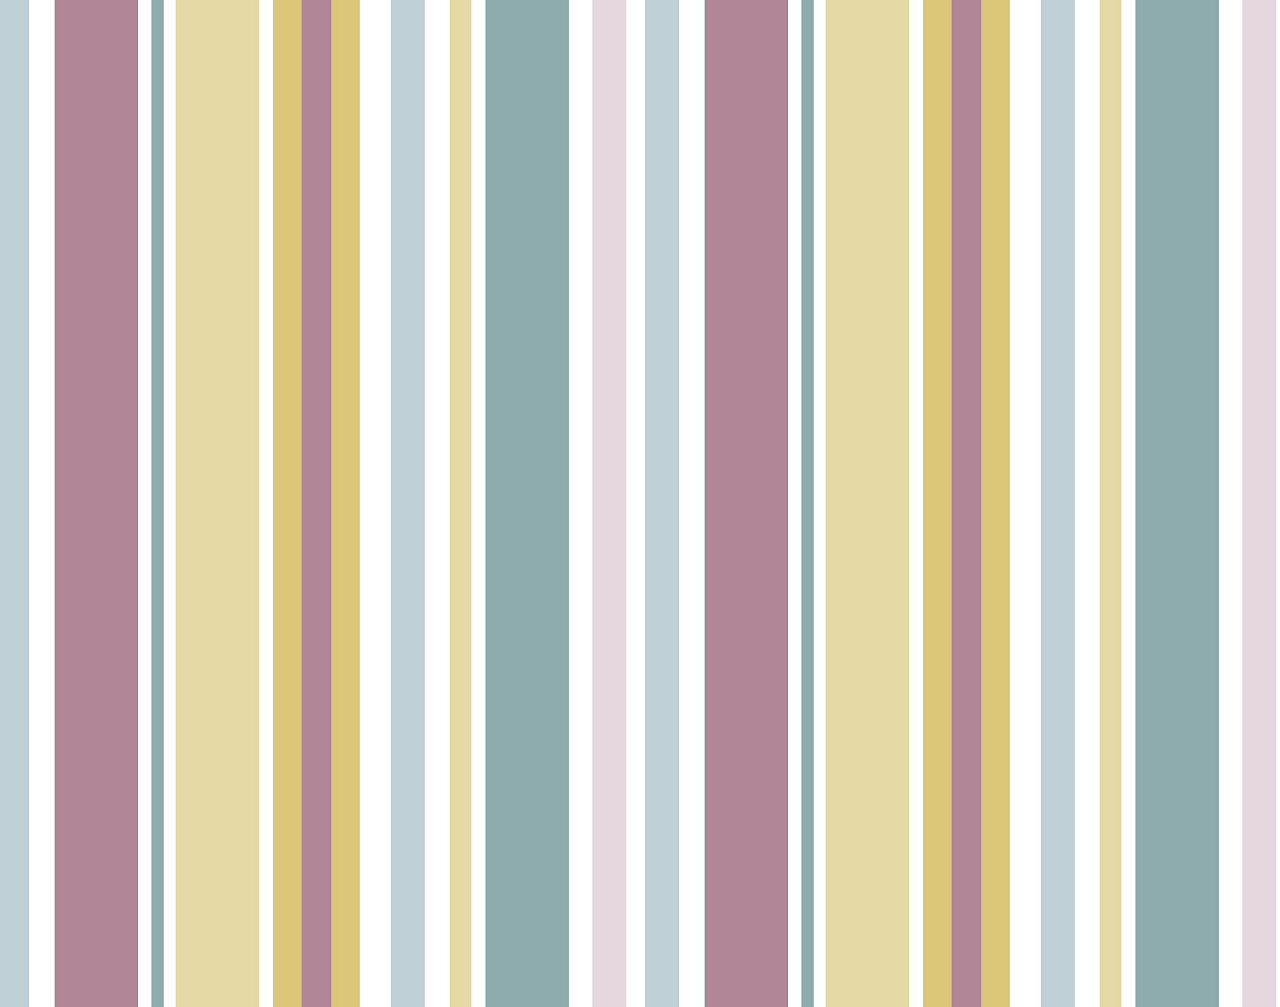 Bold Pink Multi Stripes PPT Backgrounds